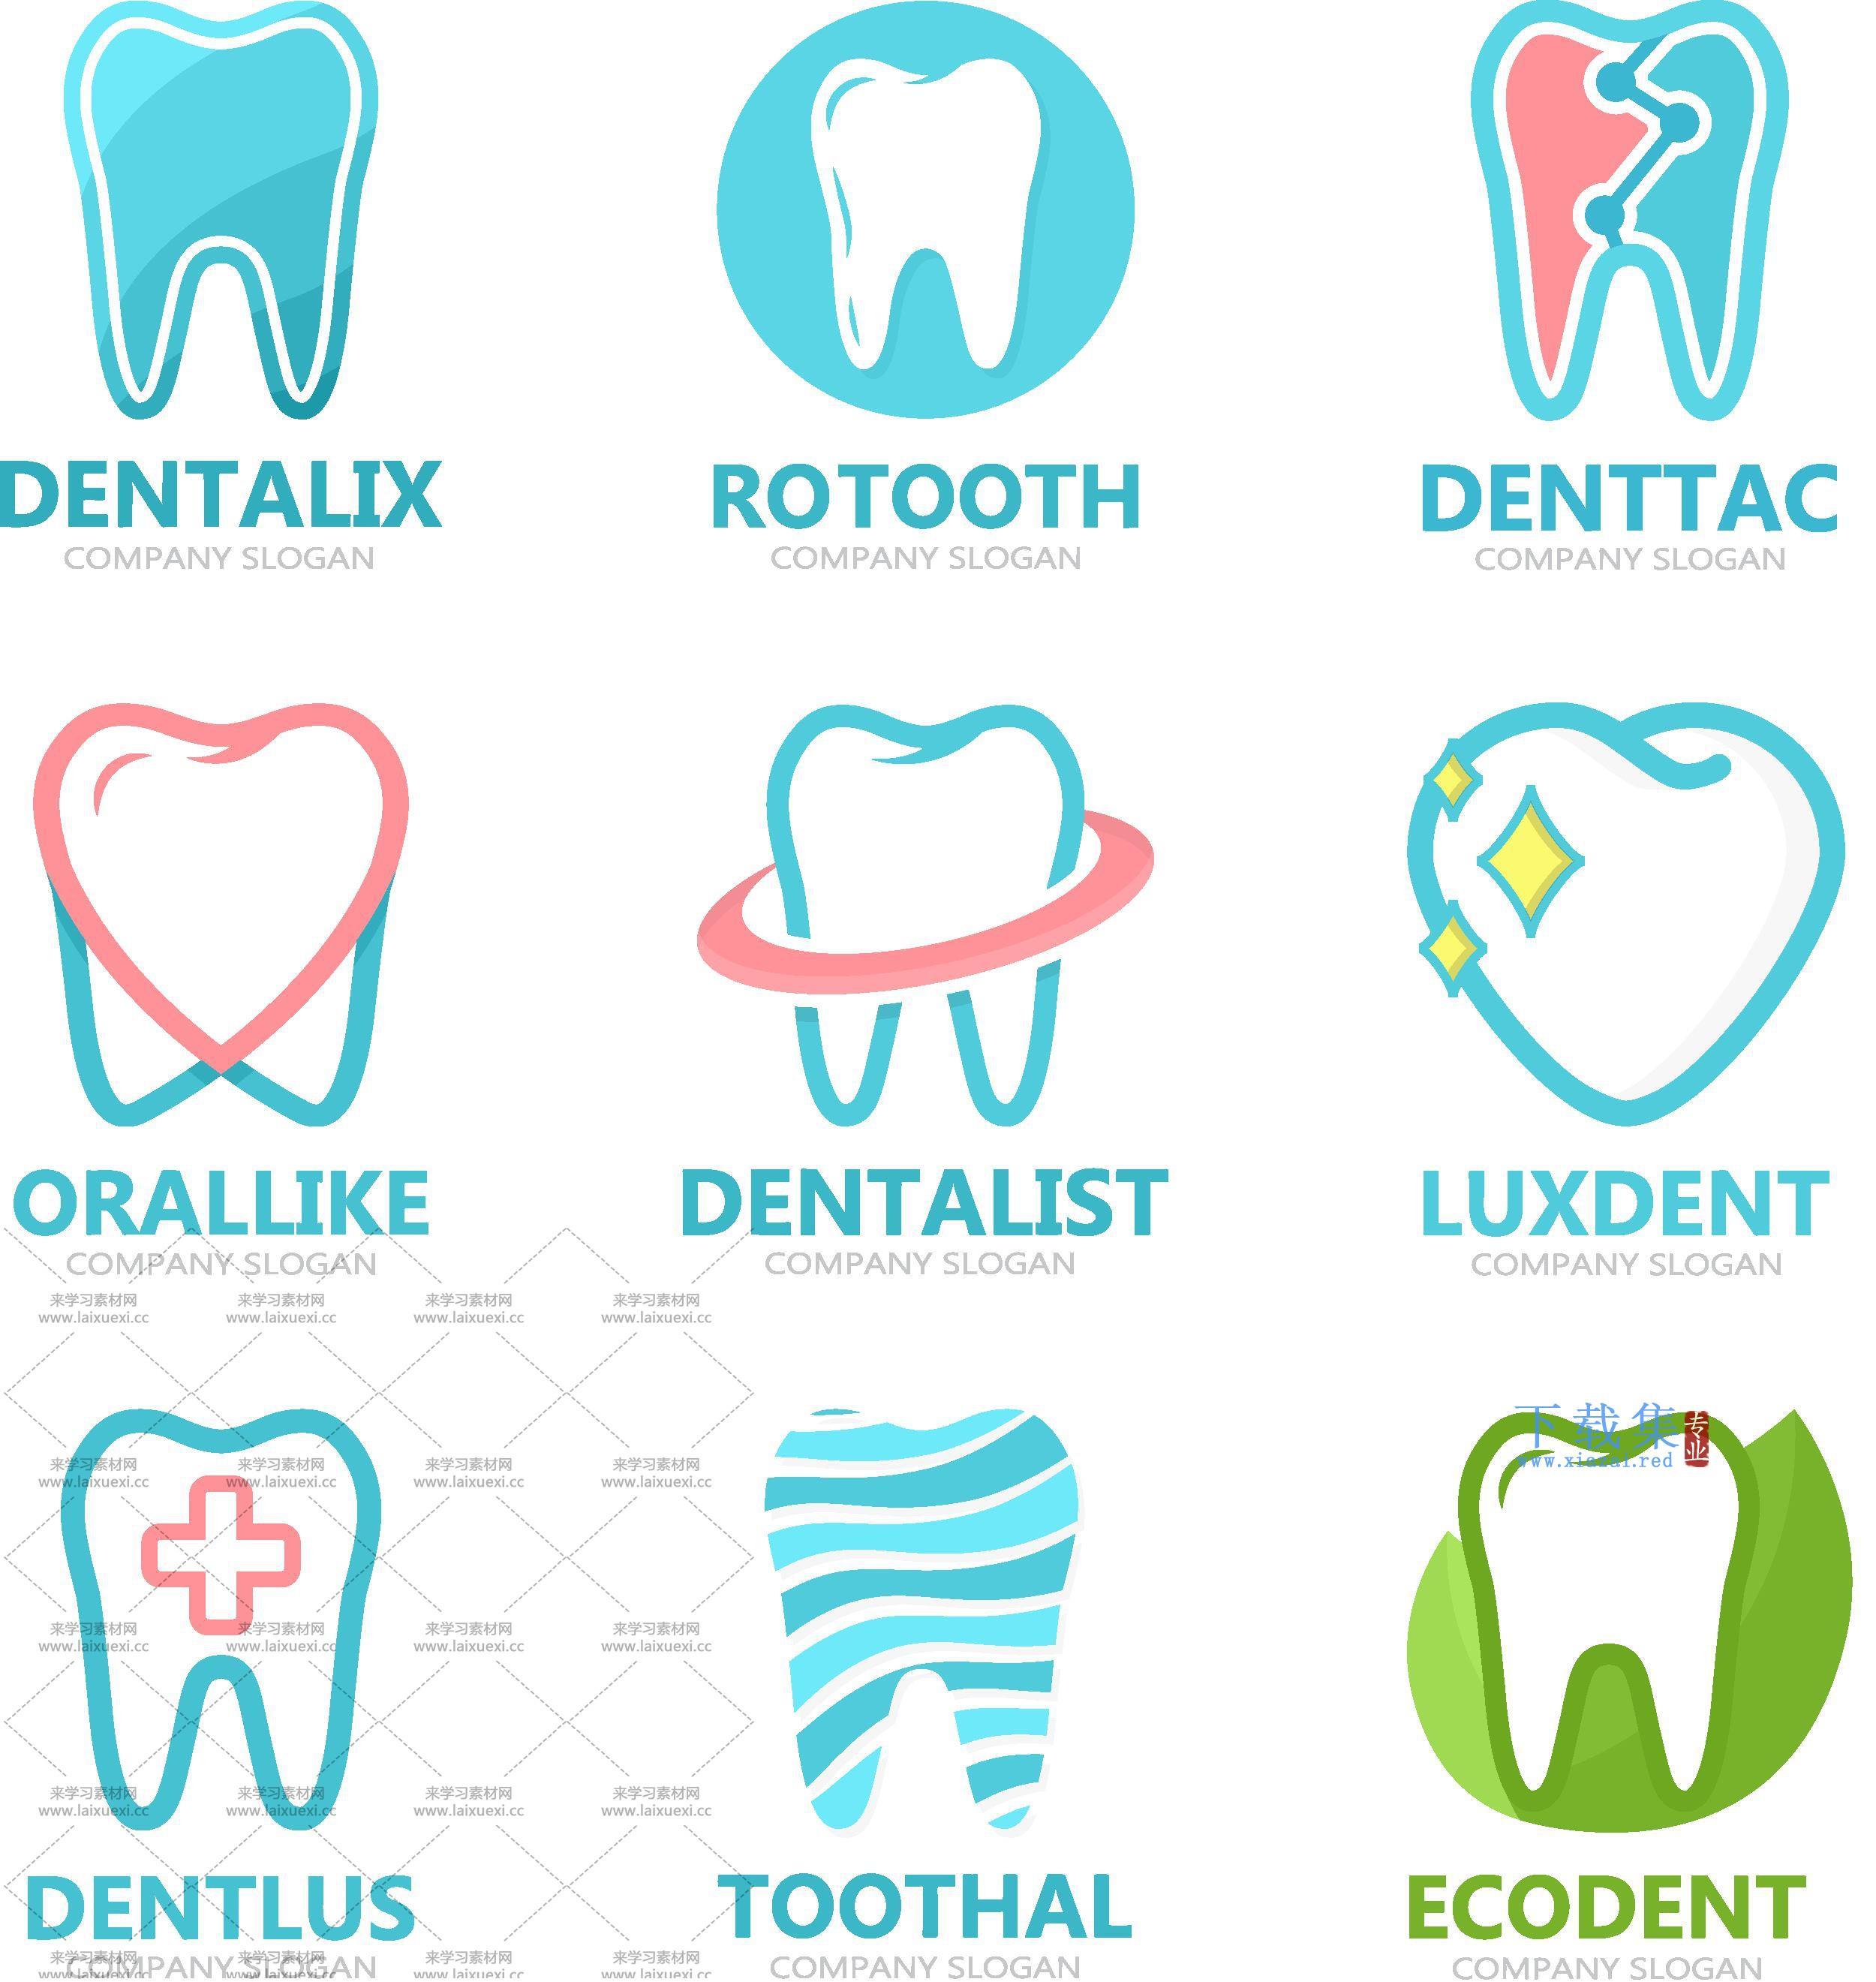 牙齿图标,牙齿标志AI矢量素材